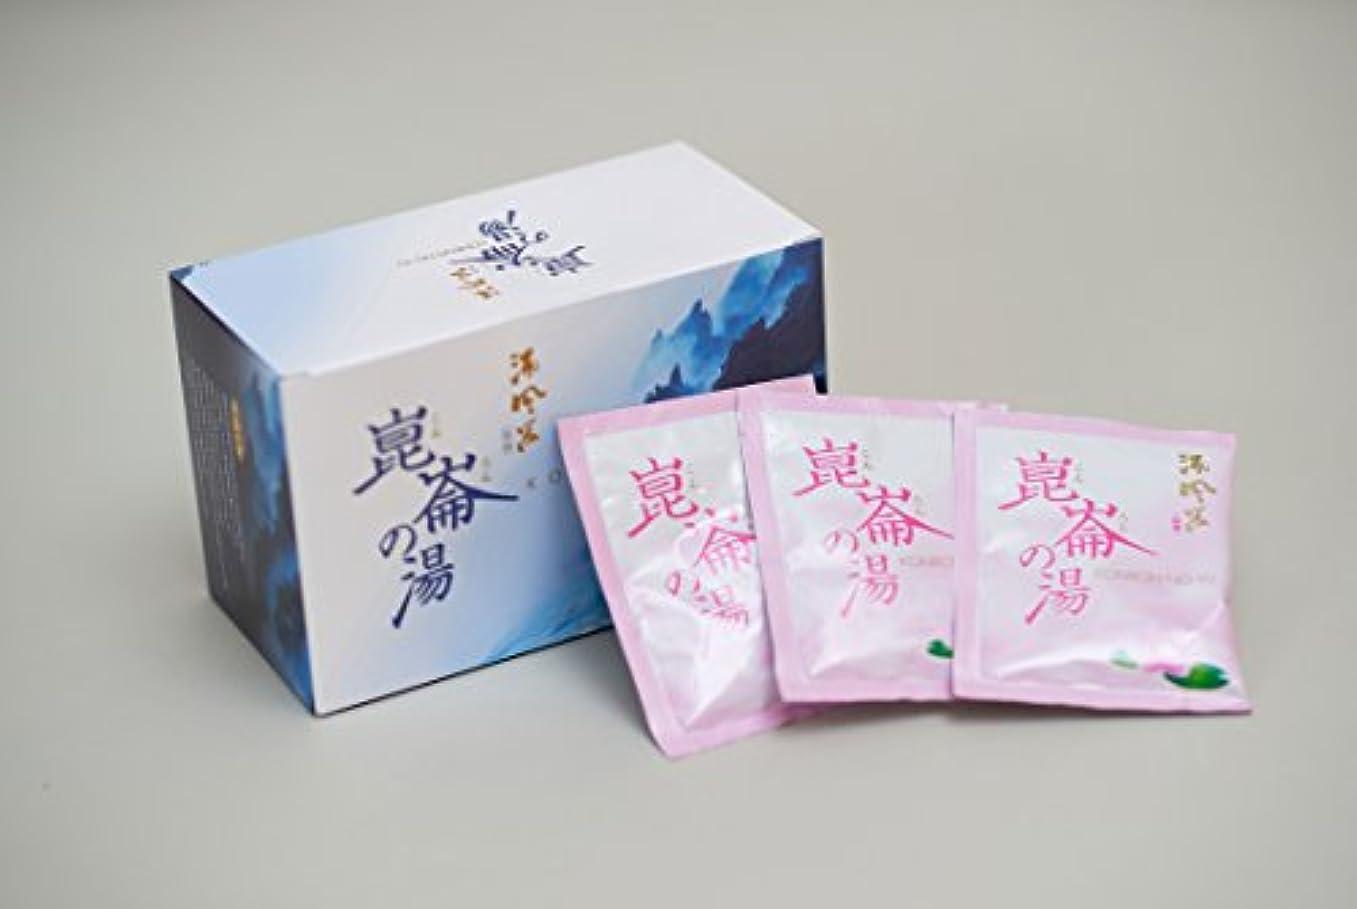 酒風呂入浴剤「崑崙の湯」 粉末タイプ (本体)(1箱当たり 清酒4升の量に相当)